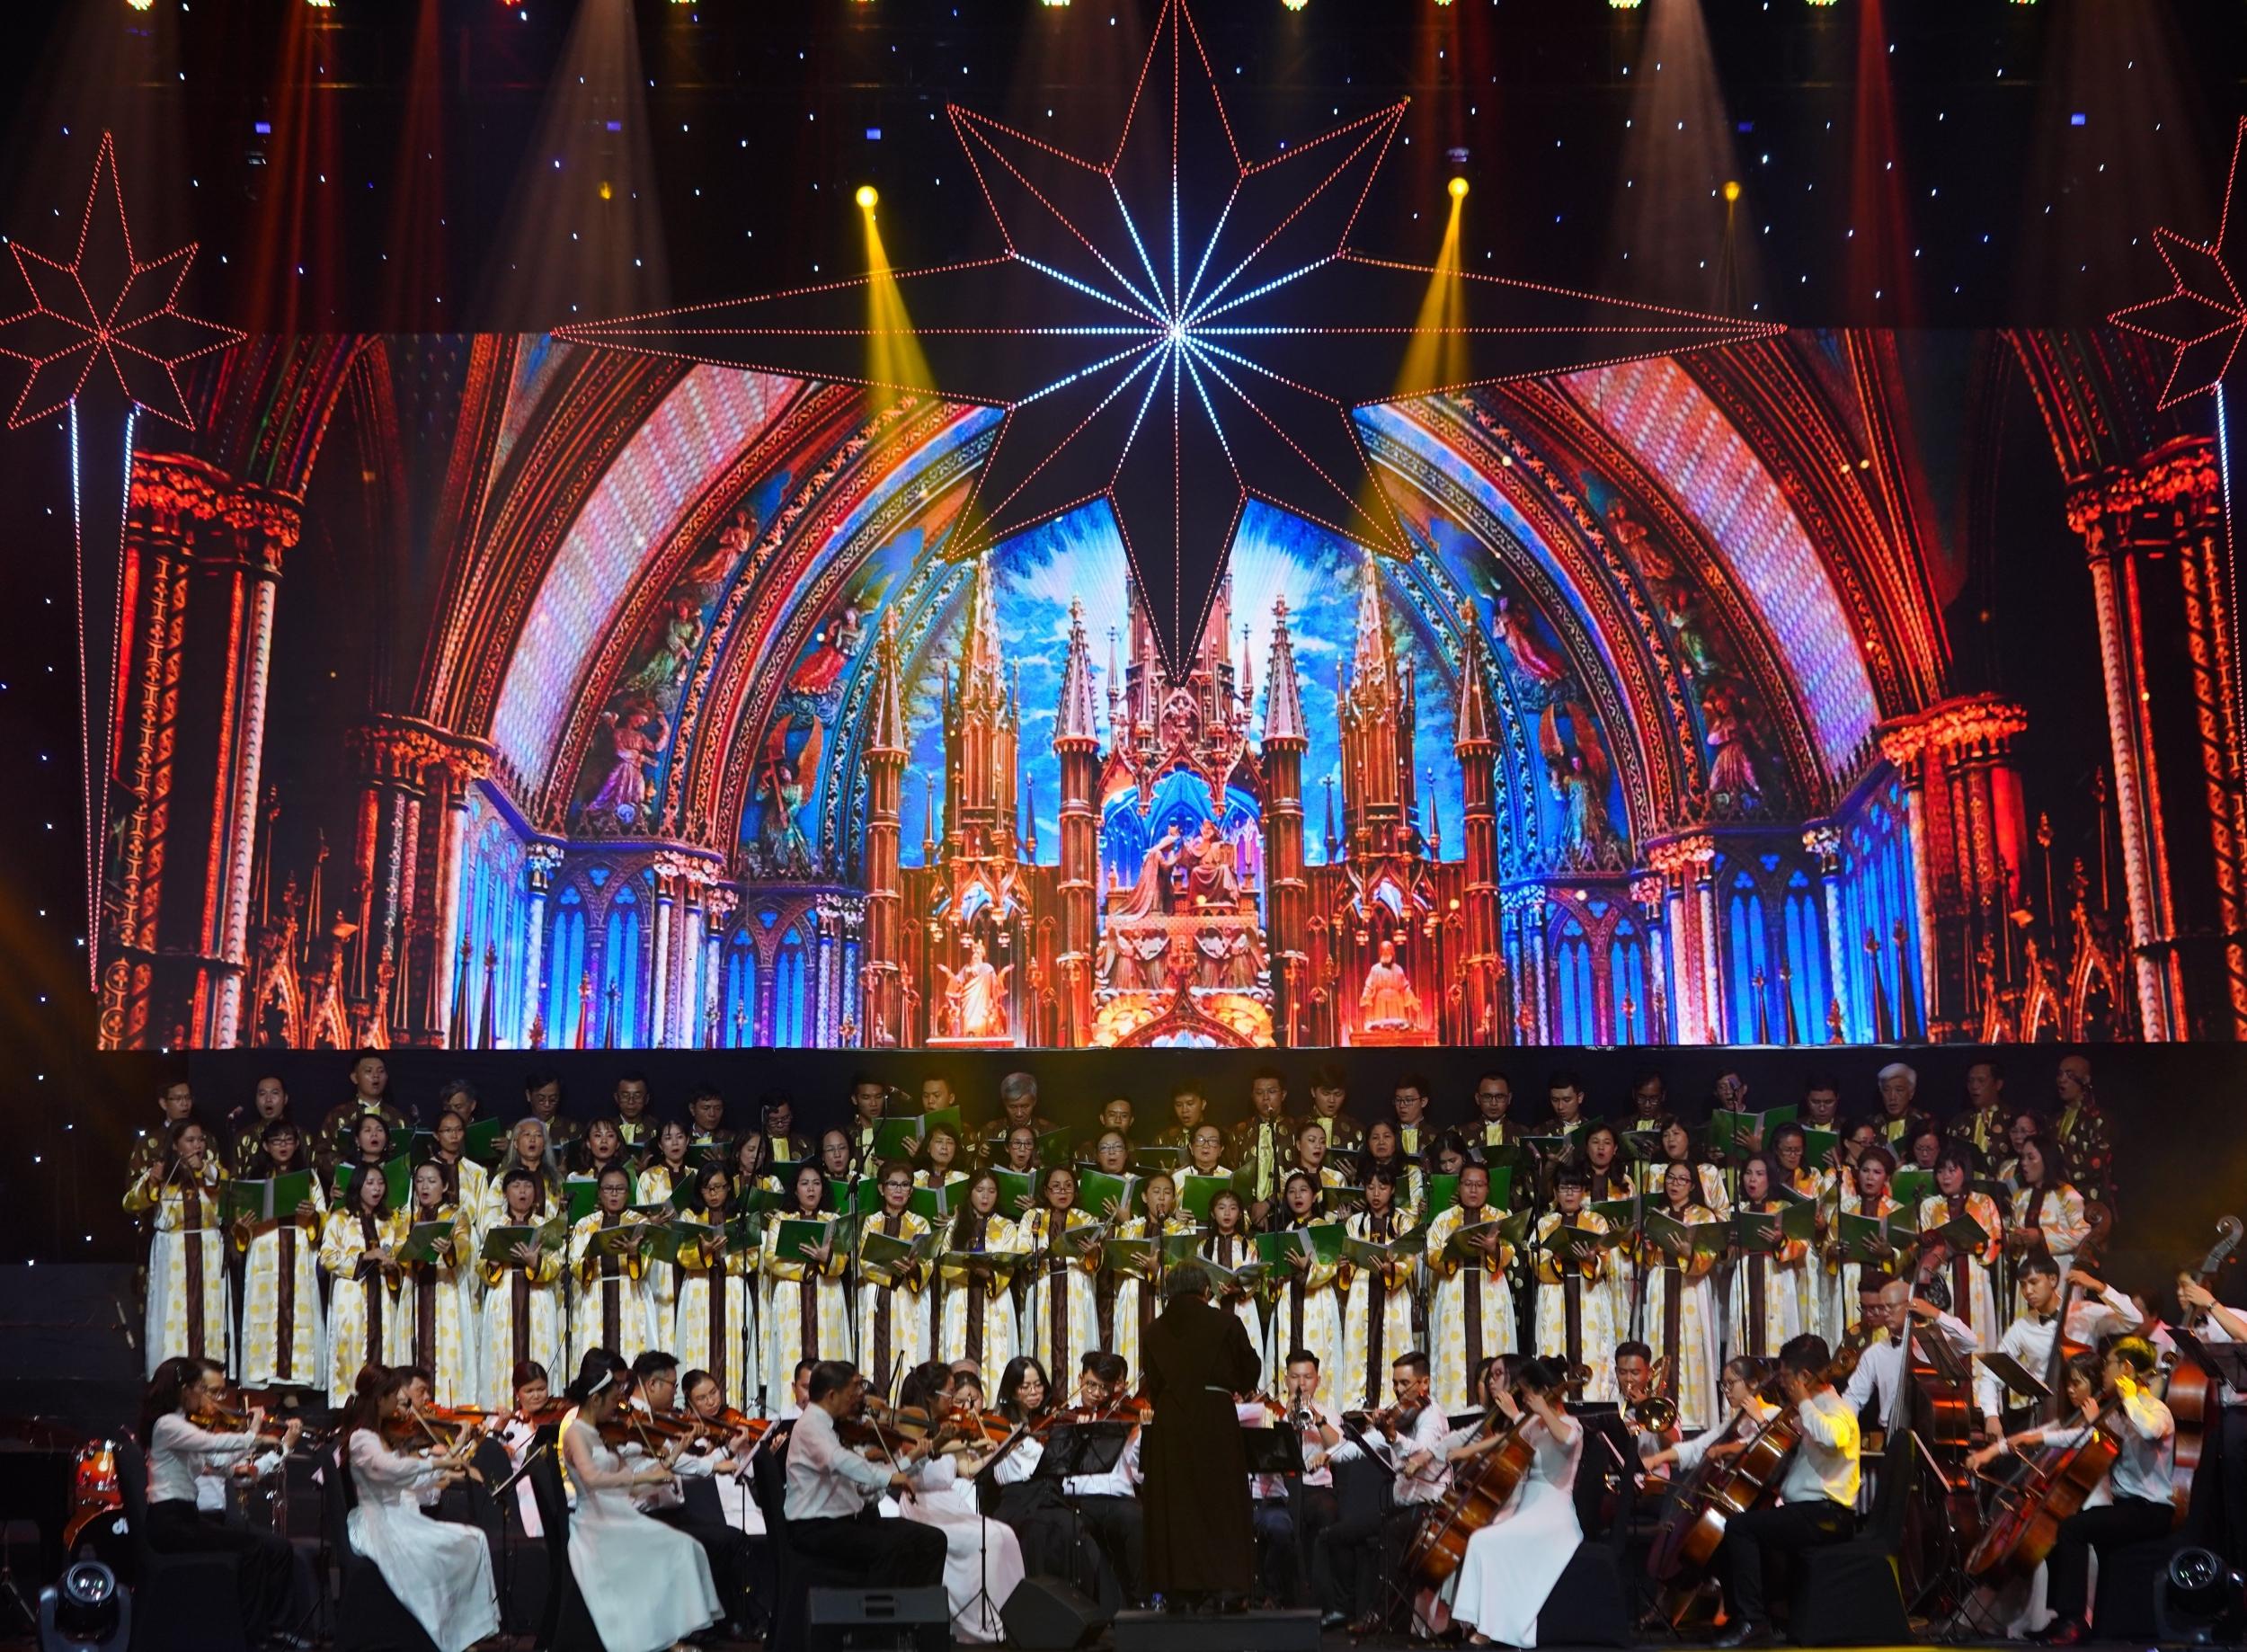 Không khí Giáng Sinh thiêng liêng tràn ngập mang lại nhiều cảm xúc cho khán giả.